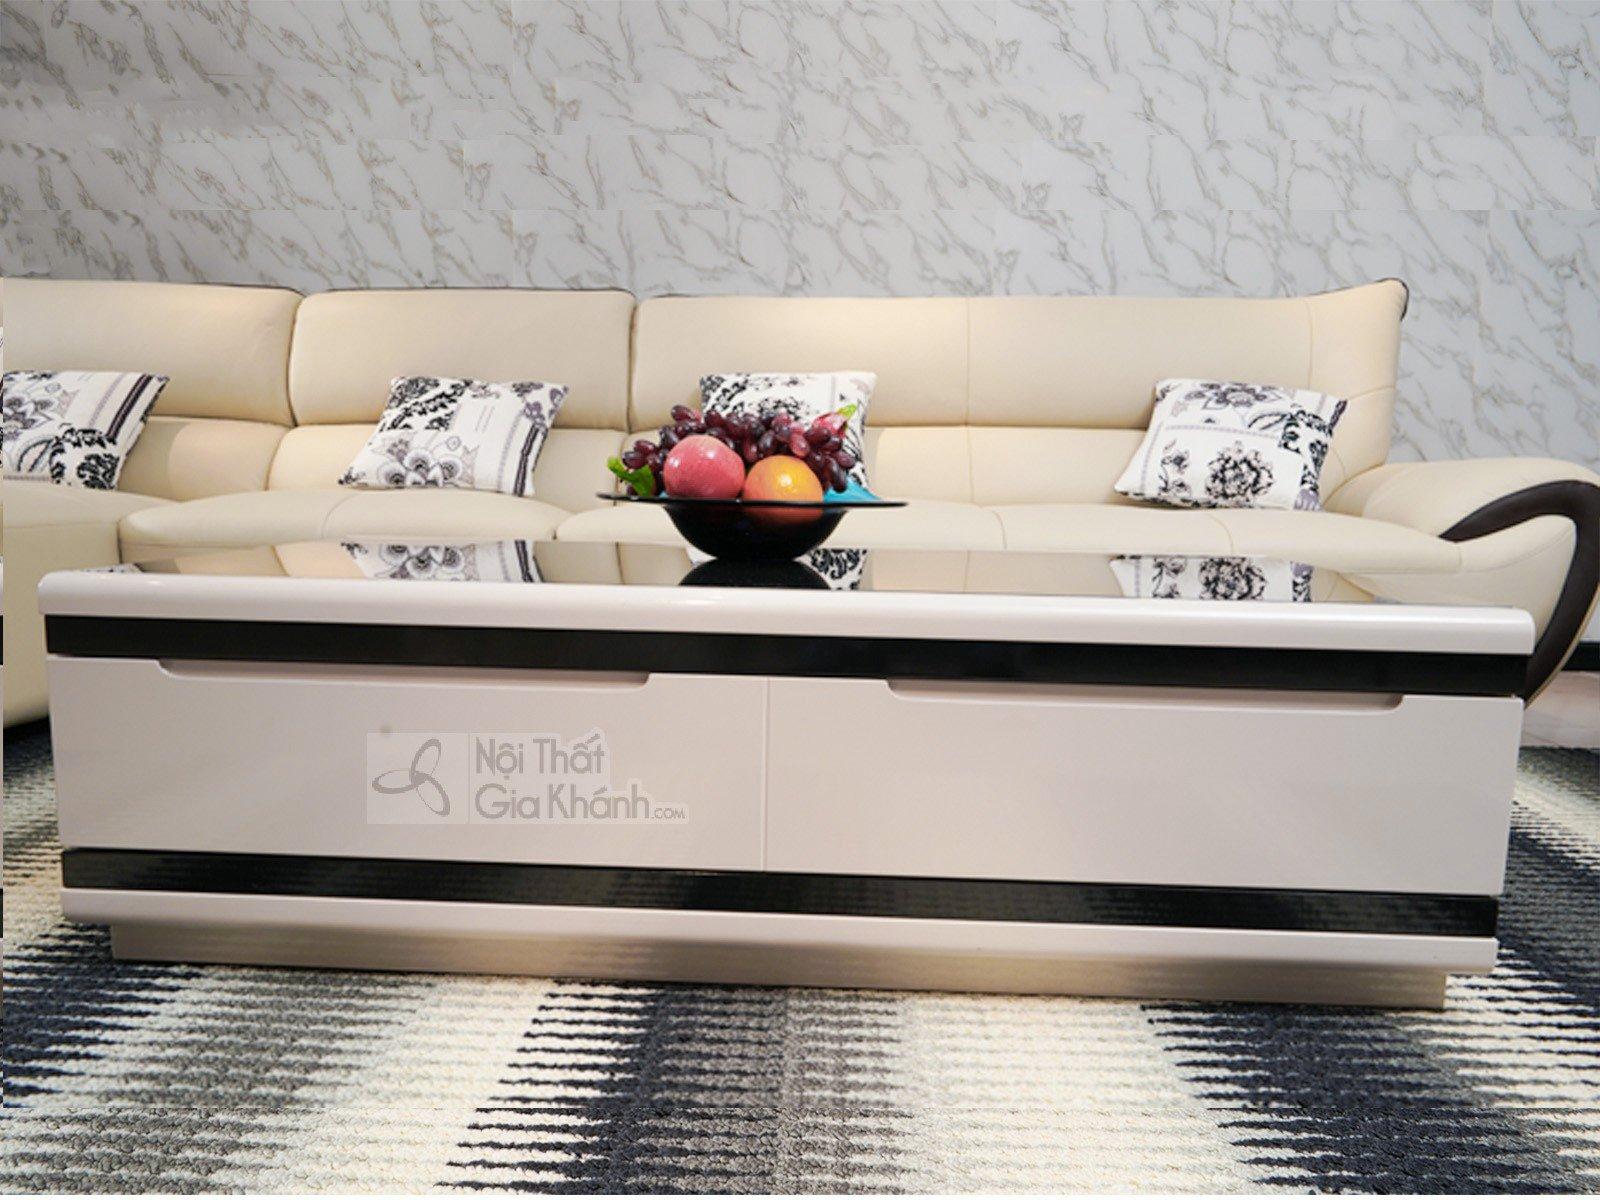 Bàn trà (Bàn sofa) gỗ phòng khách hiện đại mặt kính nhập khẩu 3311BT - ban tra hien dai 3311BT 1245x680x360 1